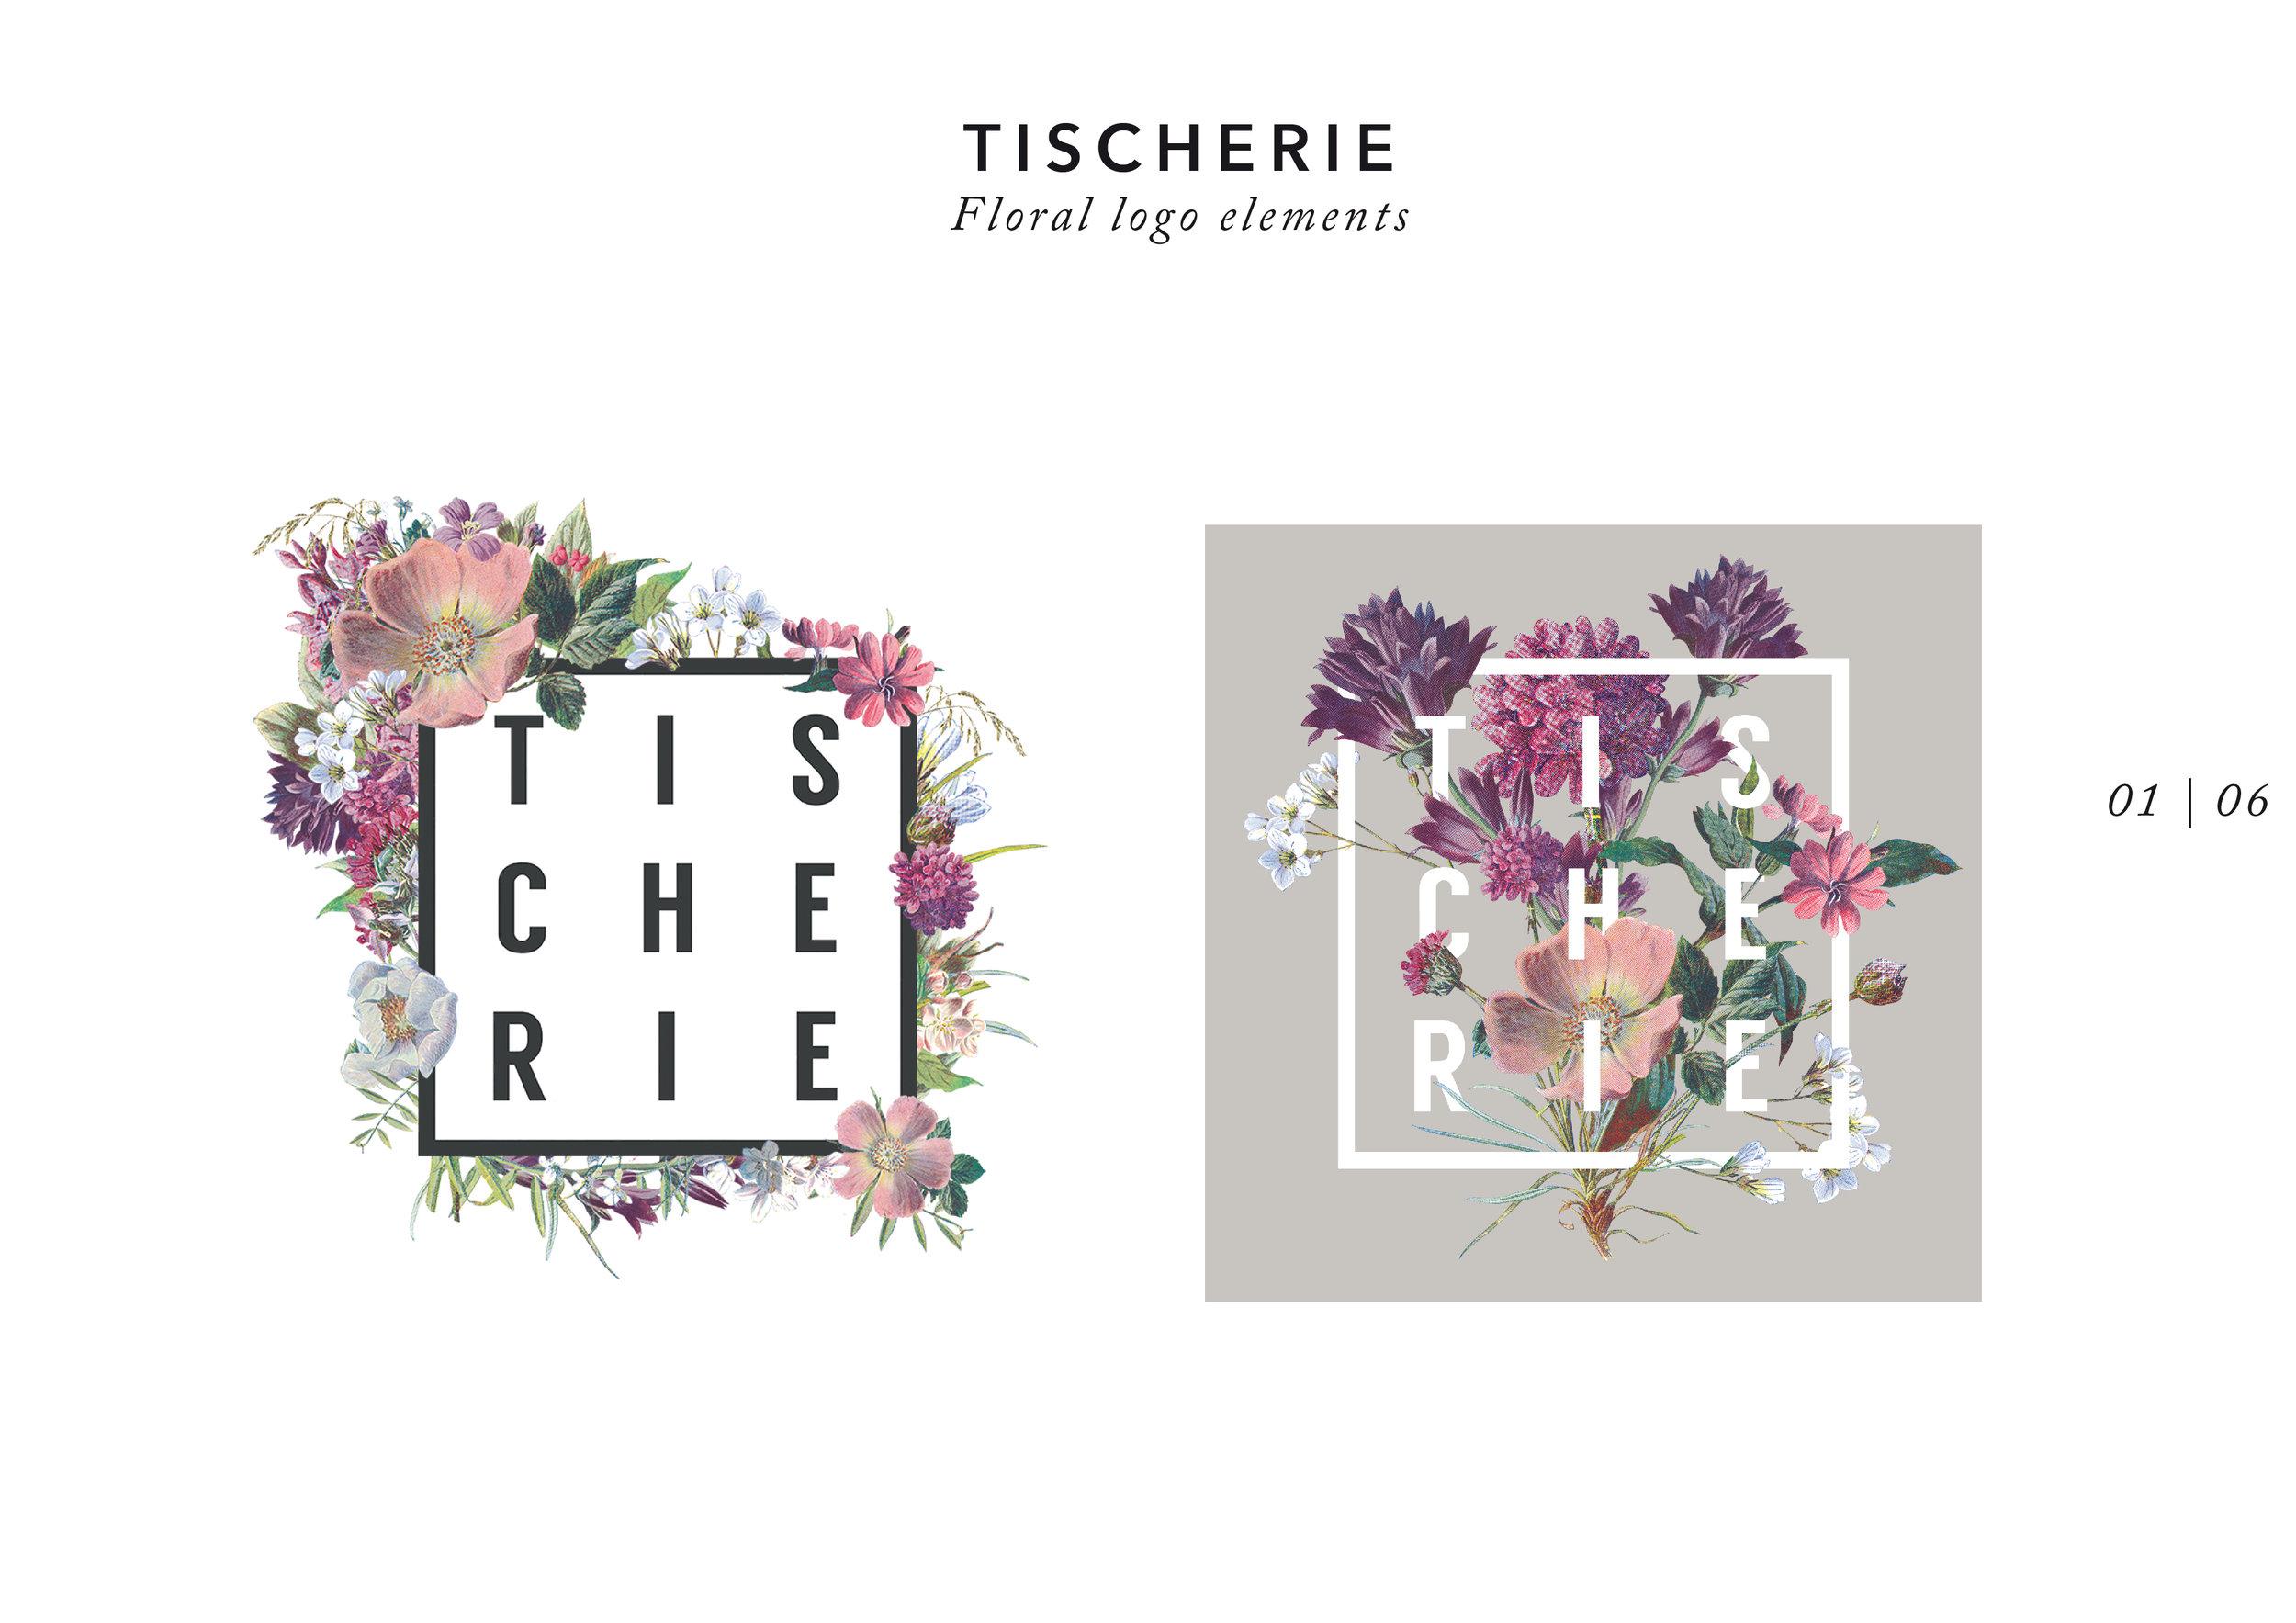 Brand-Plan_Tischerie-01.jpg